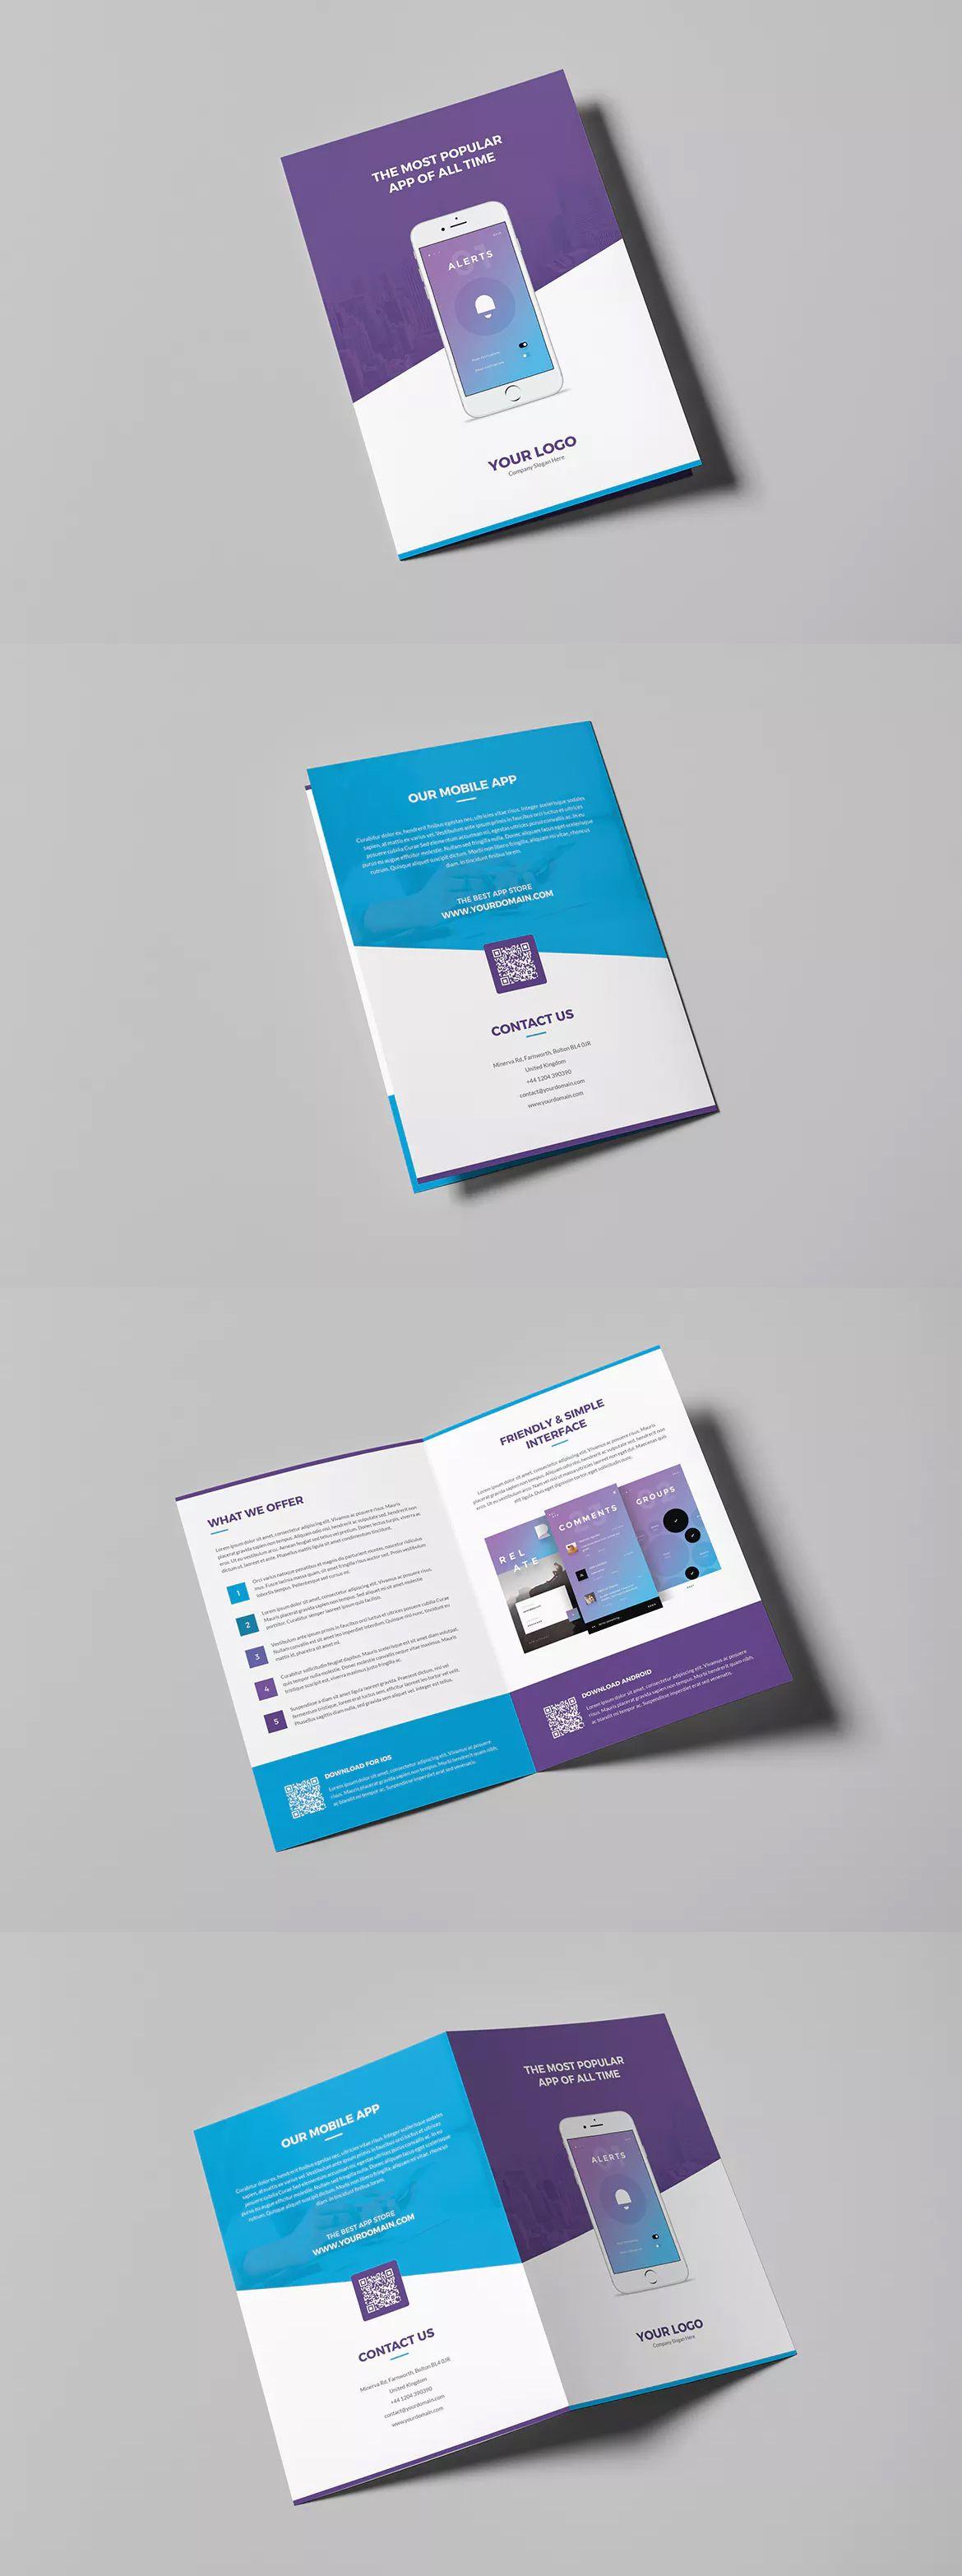 Mobile Apps Bi Fold Brochure Template Psd Brochure Templates